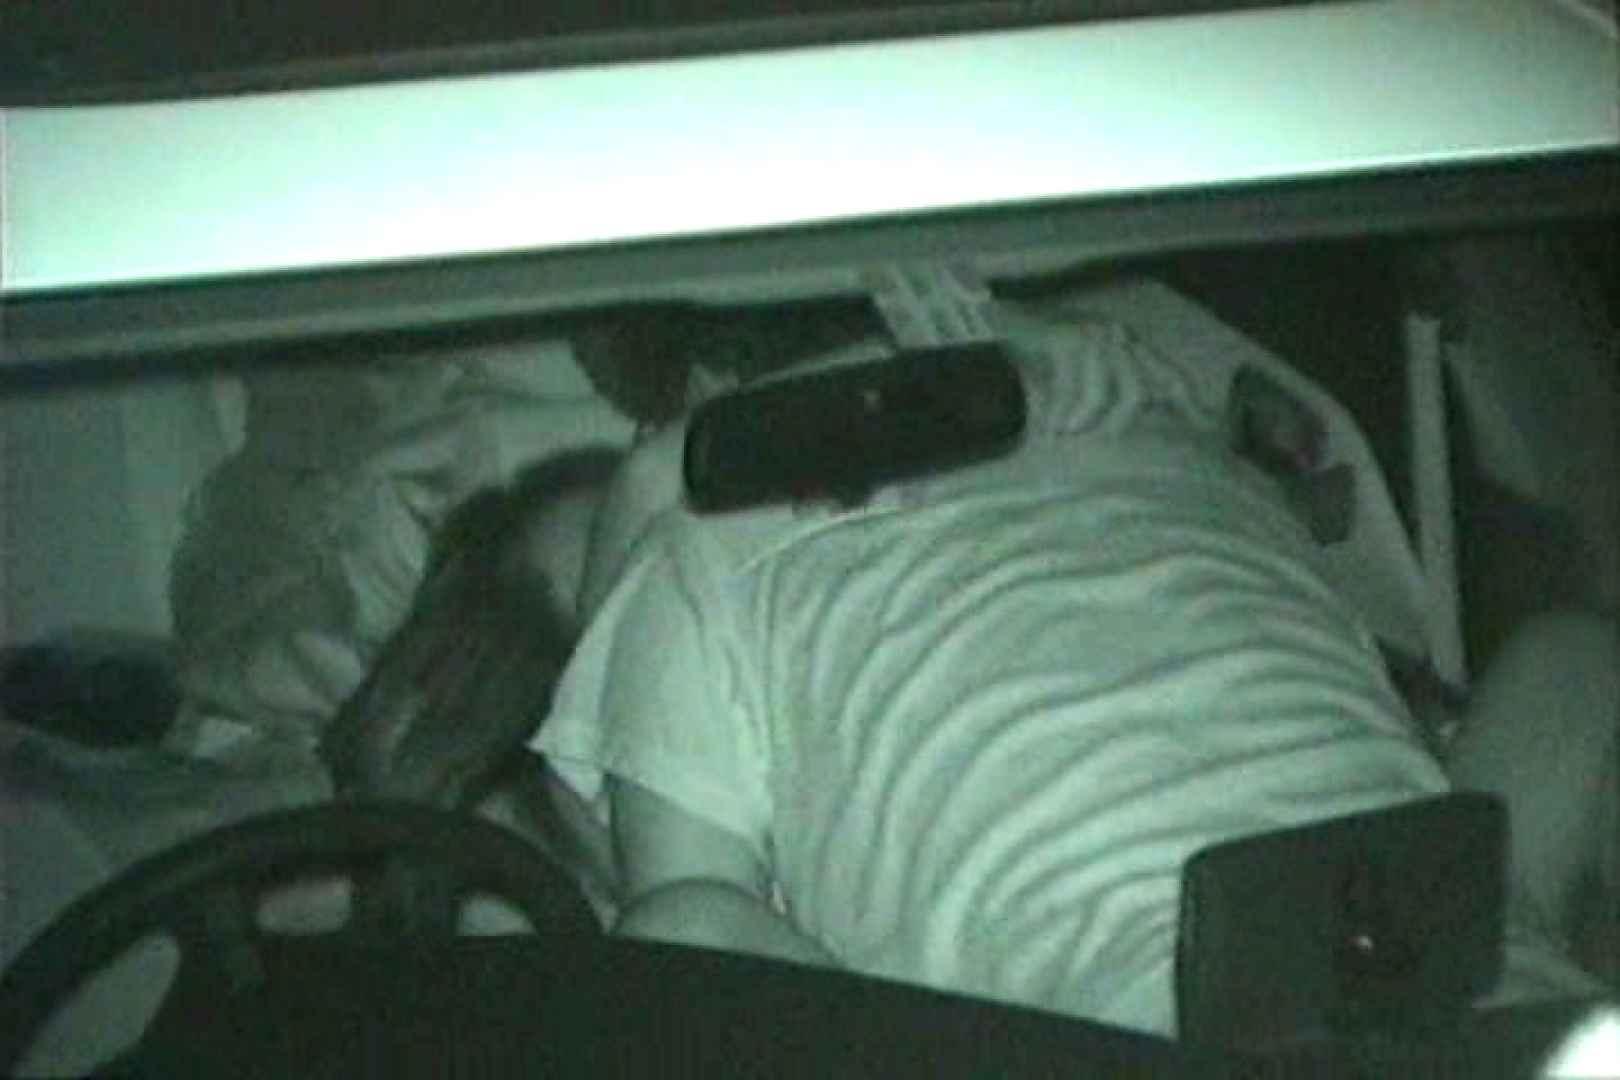 車の中はラブホテル 無修正版  Vol.24 エロティックなOL 盗み撮り動画 102画像 51